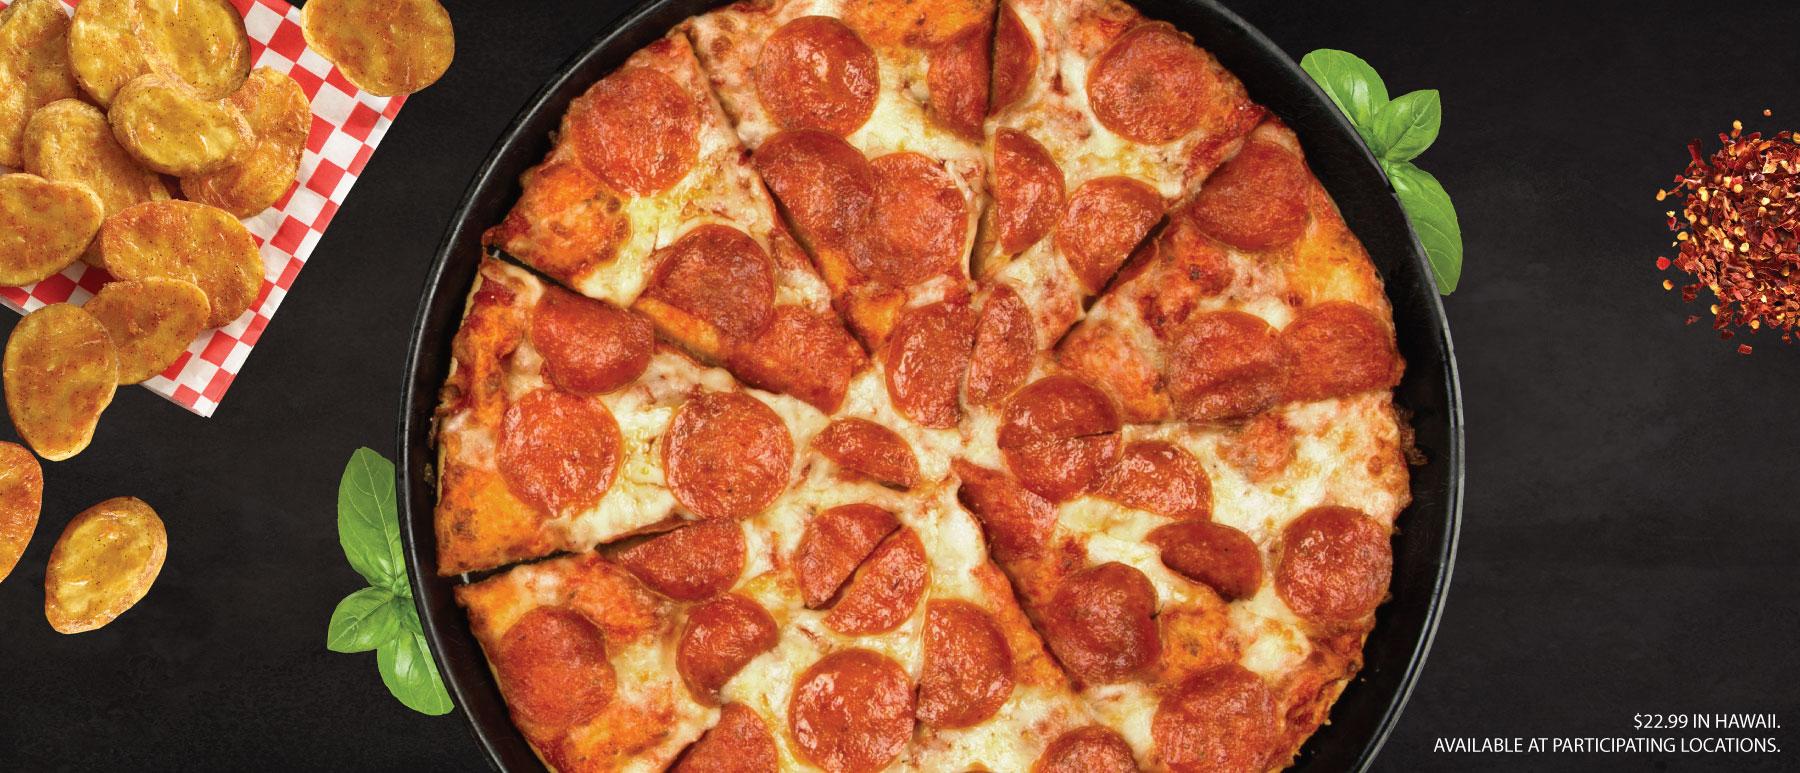 Shakey's Hero Image - Pizza + Mojo®s $19.99